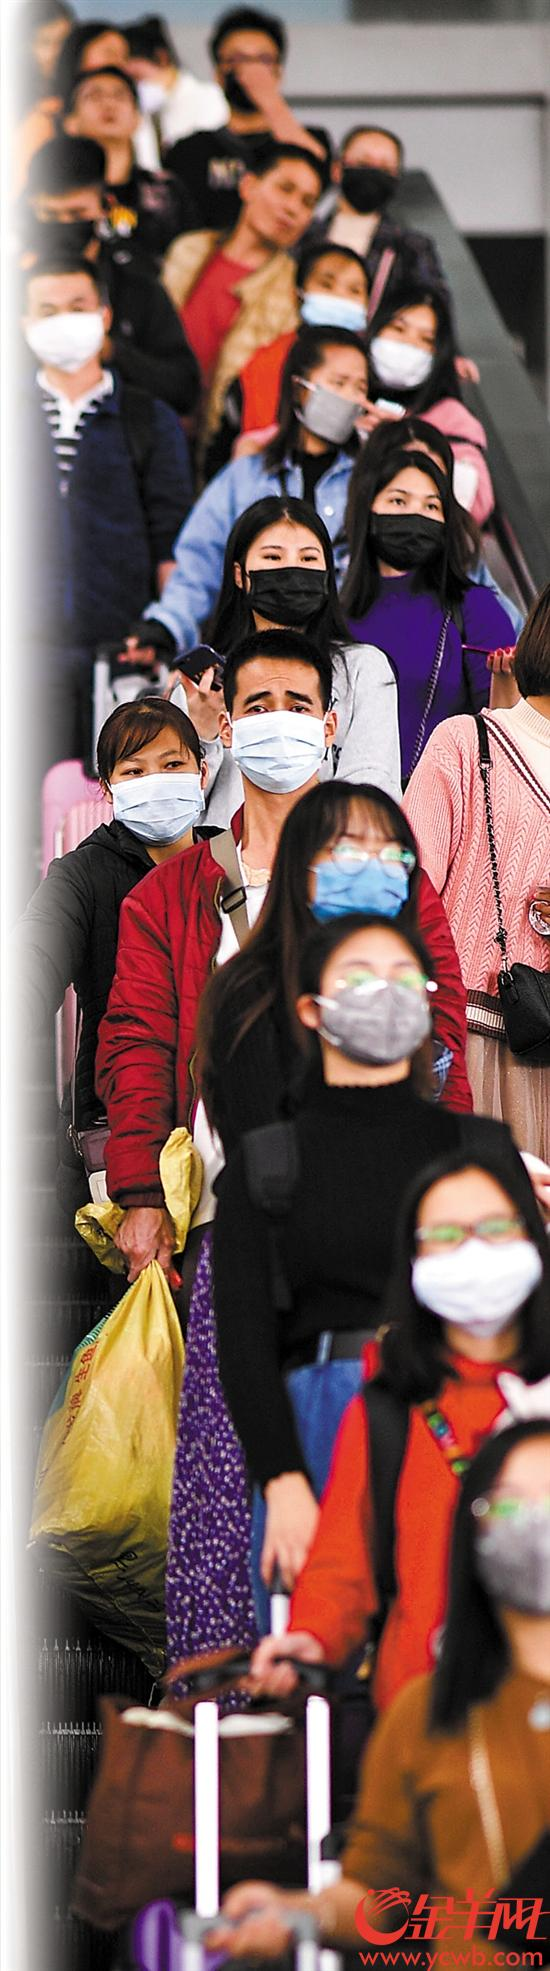 广州南站旅客多数戴上口罩 记者 周巍 摄